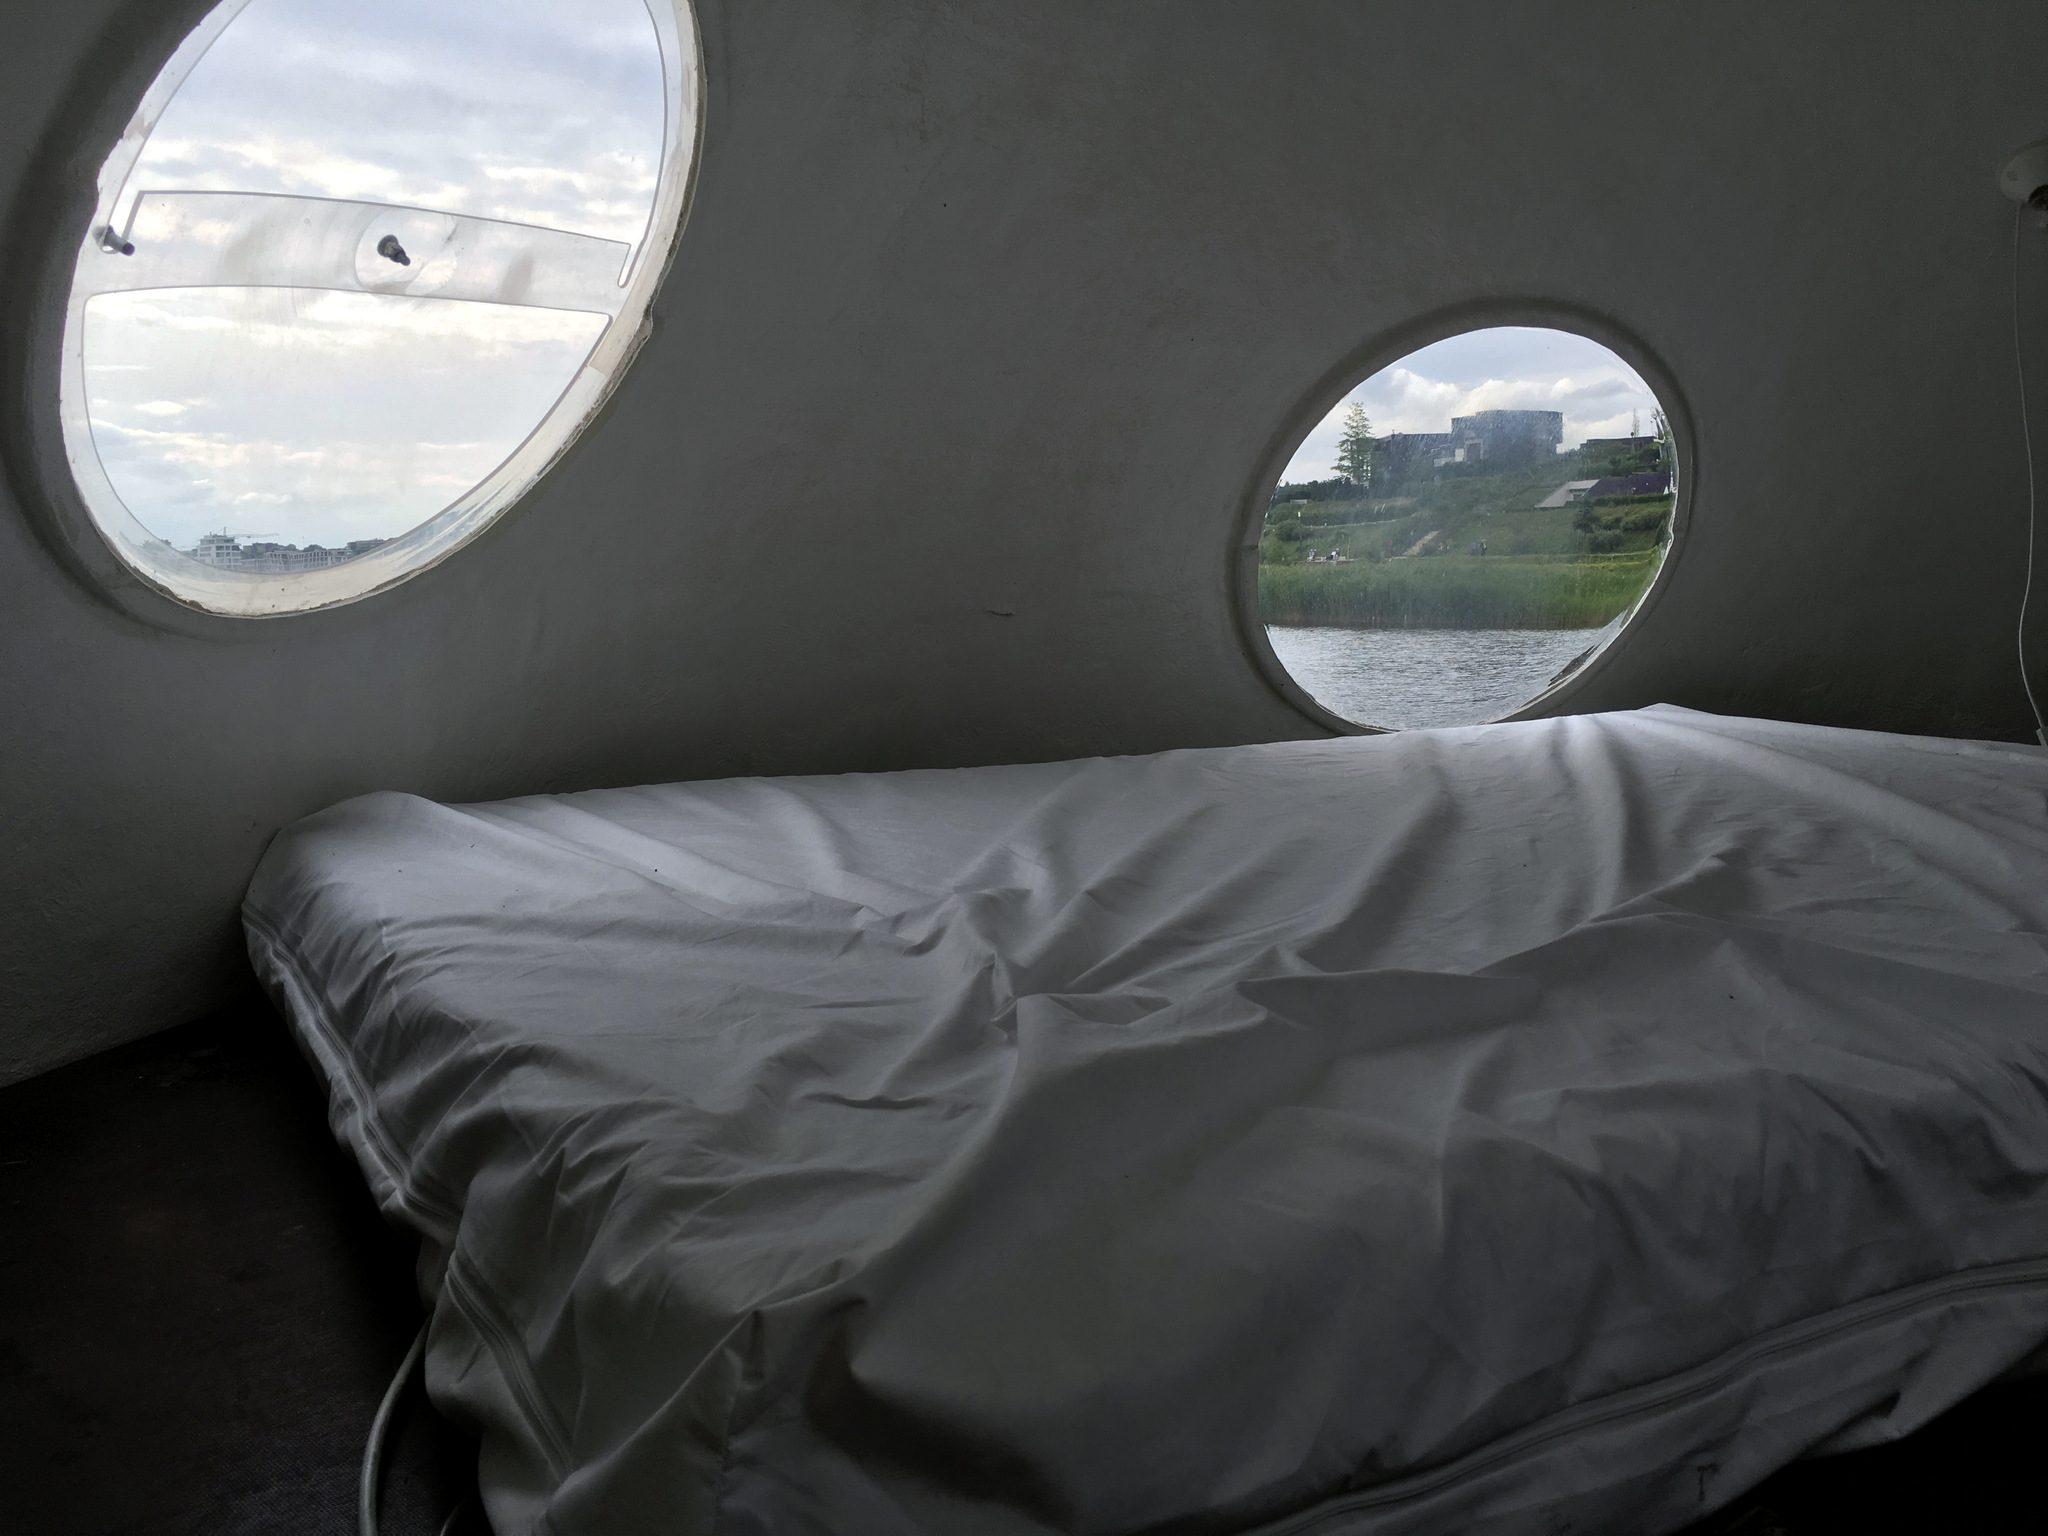 Ein Bett im Kunstobjekt.